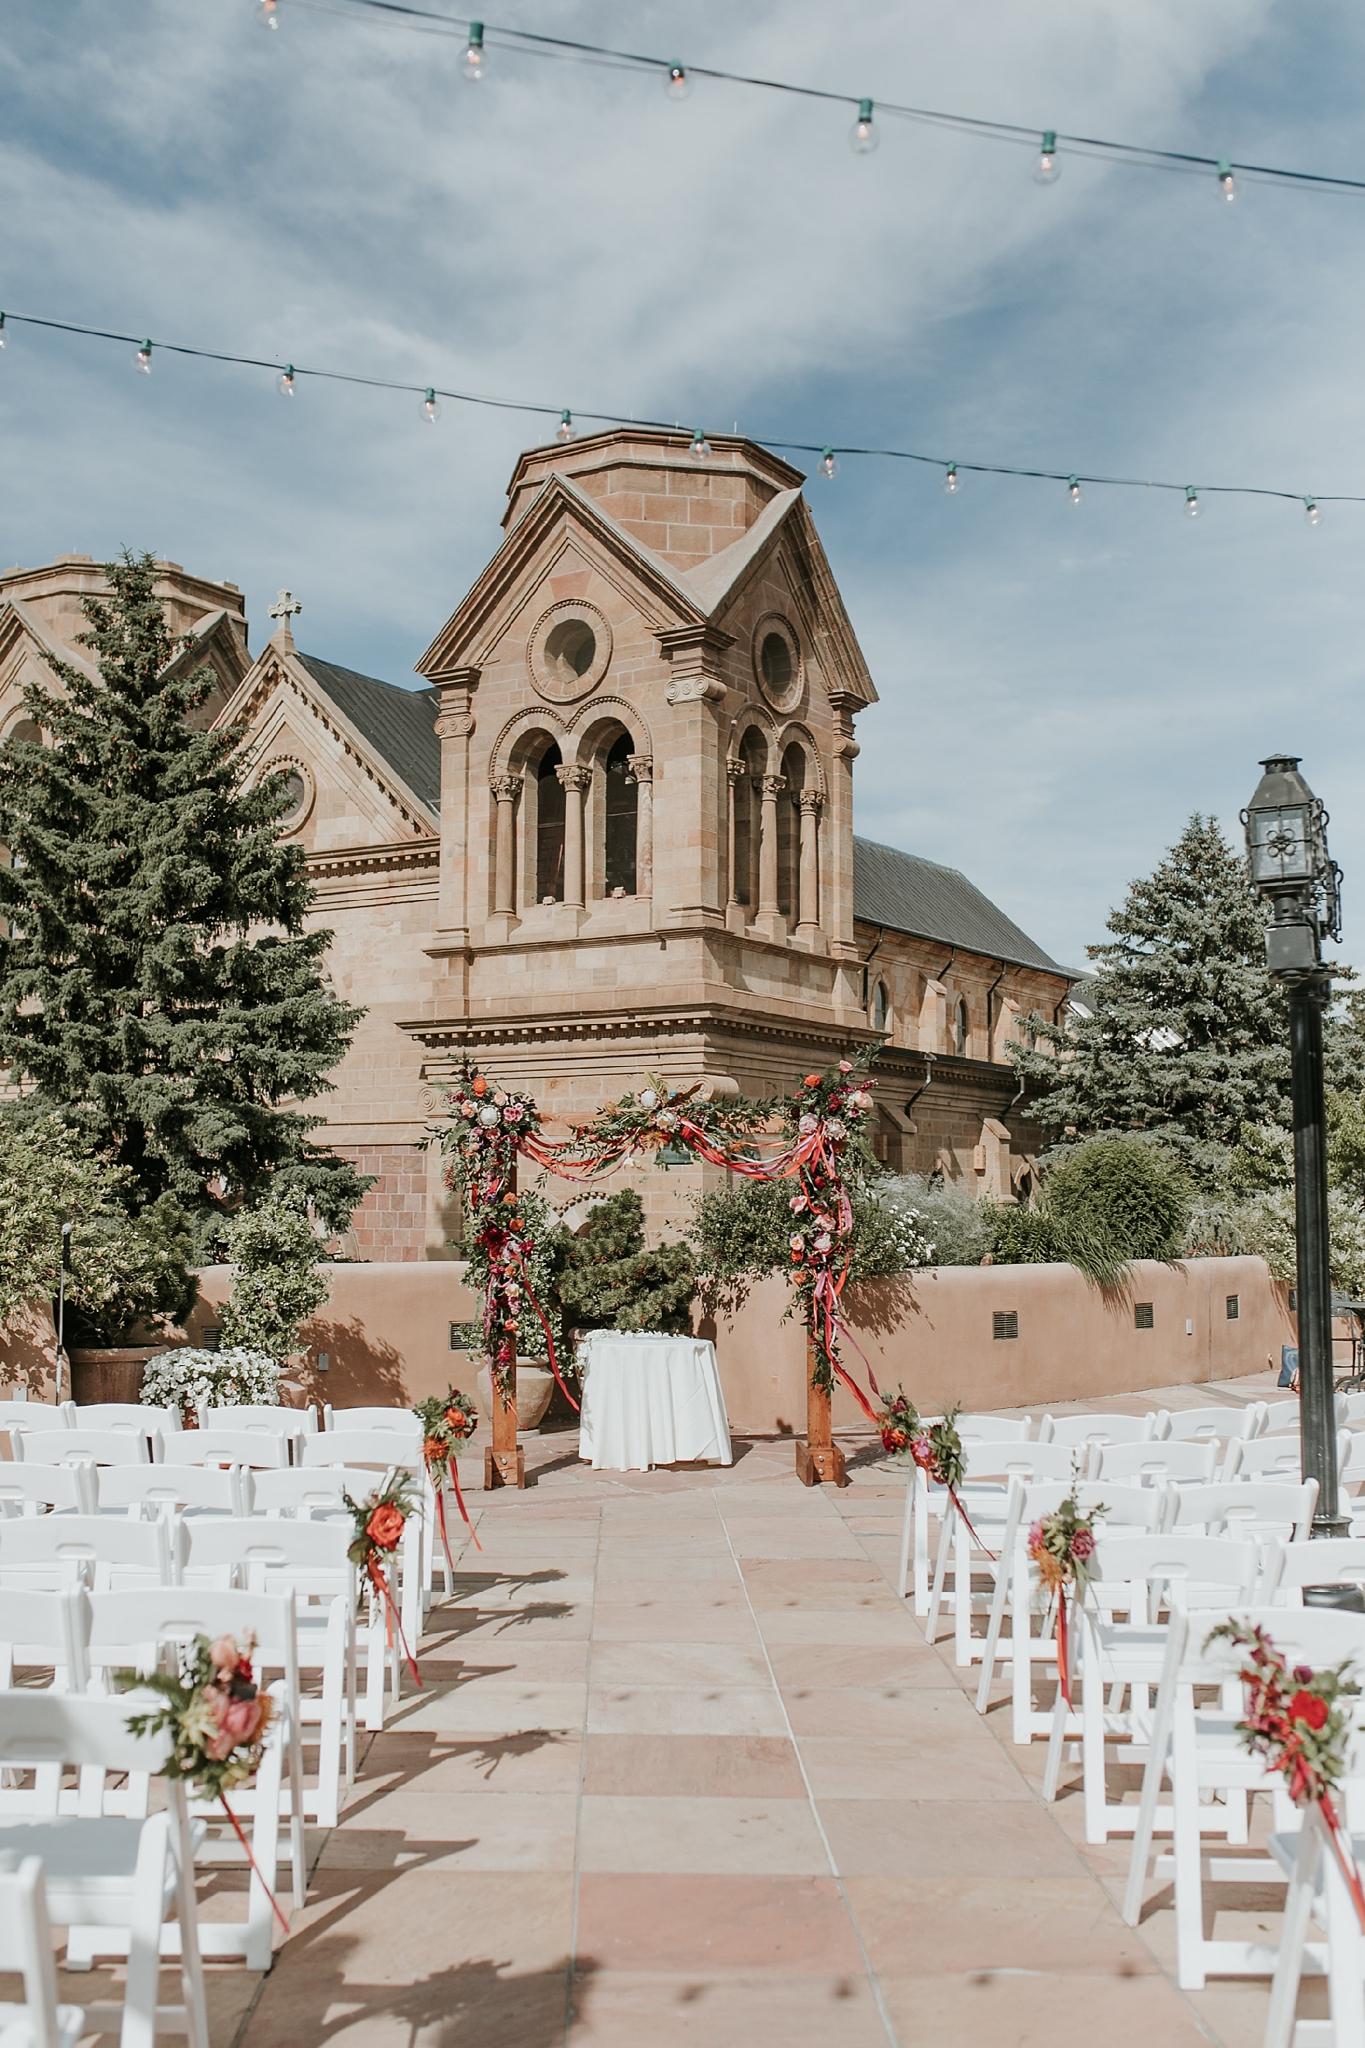 Alicia+lucia+photography+-+albuquerque+wedding+photographer+-+santa+fe+wedding+photography+-+new+mexico+wedding+photographer+-+wedding+ceremony+-+wedding+alter+-+floral+alter_0024.jpg